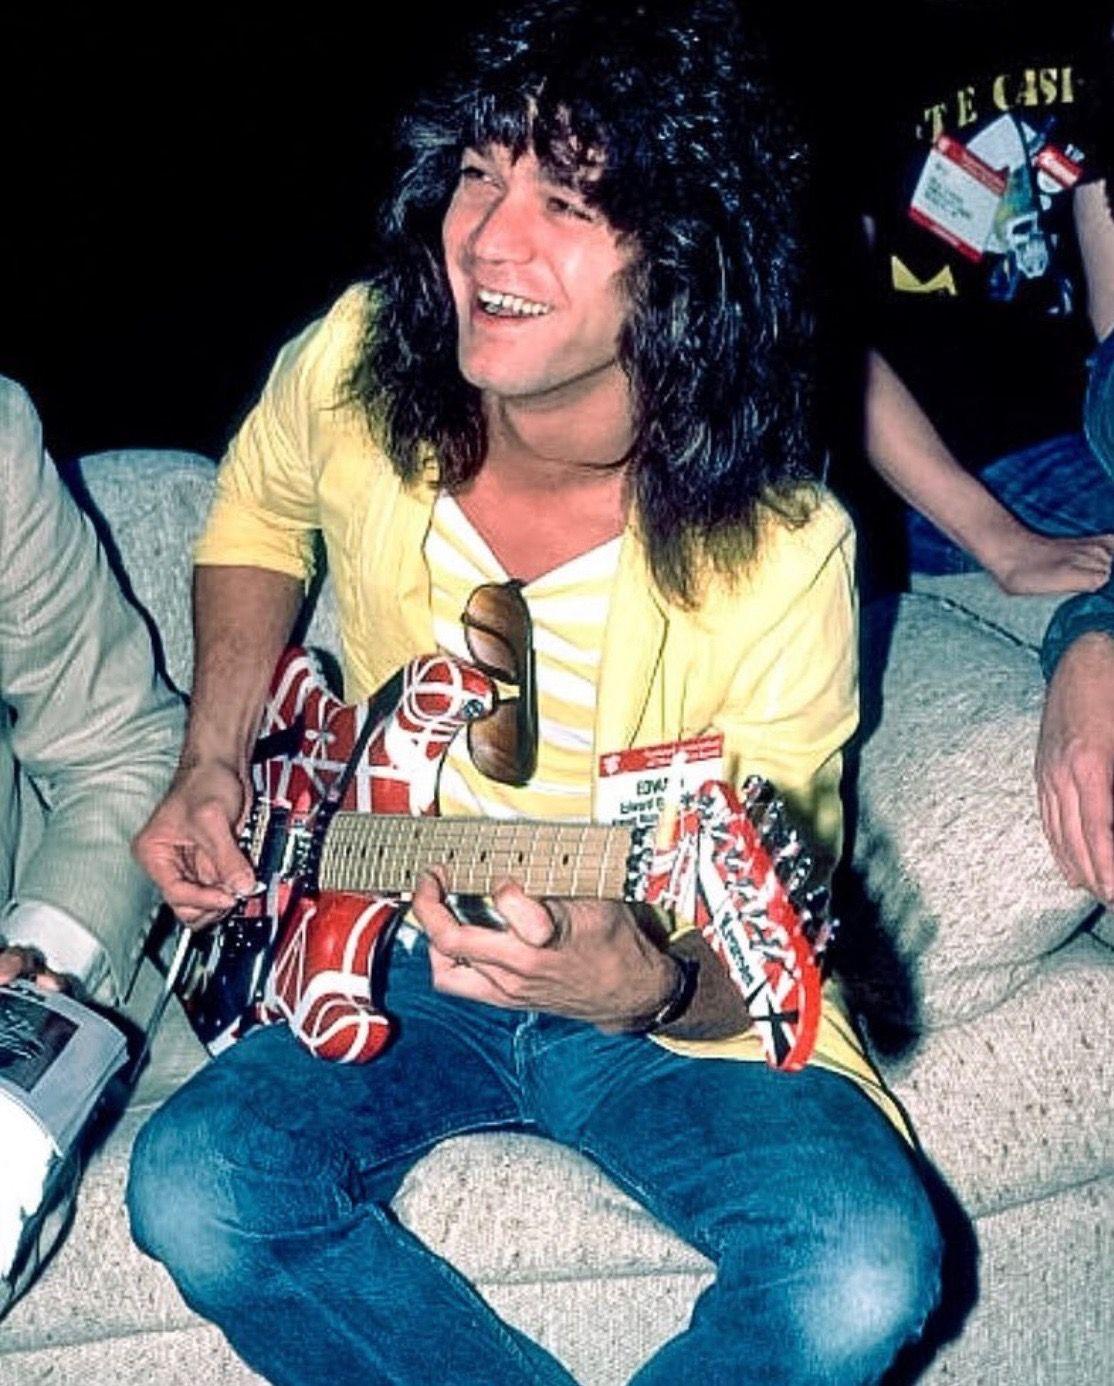 Eddie With 5150 Kramer With Images Eddie Van Halen Van Halen Guitarist